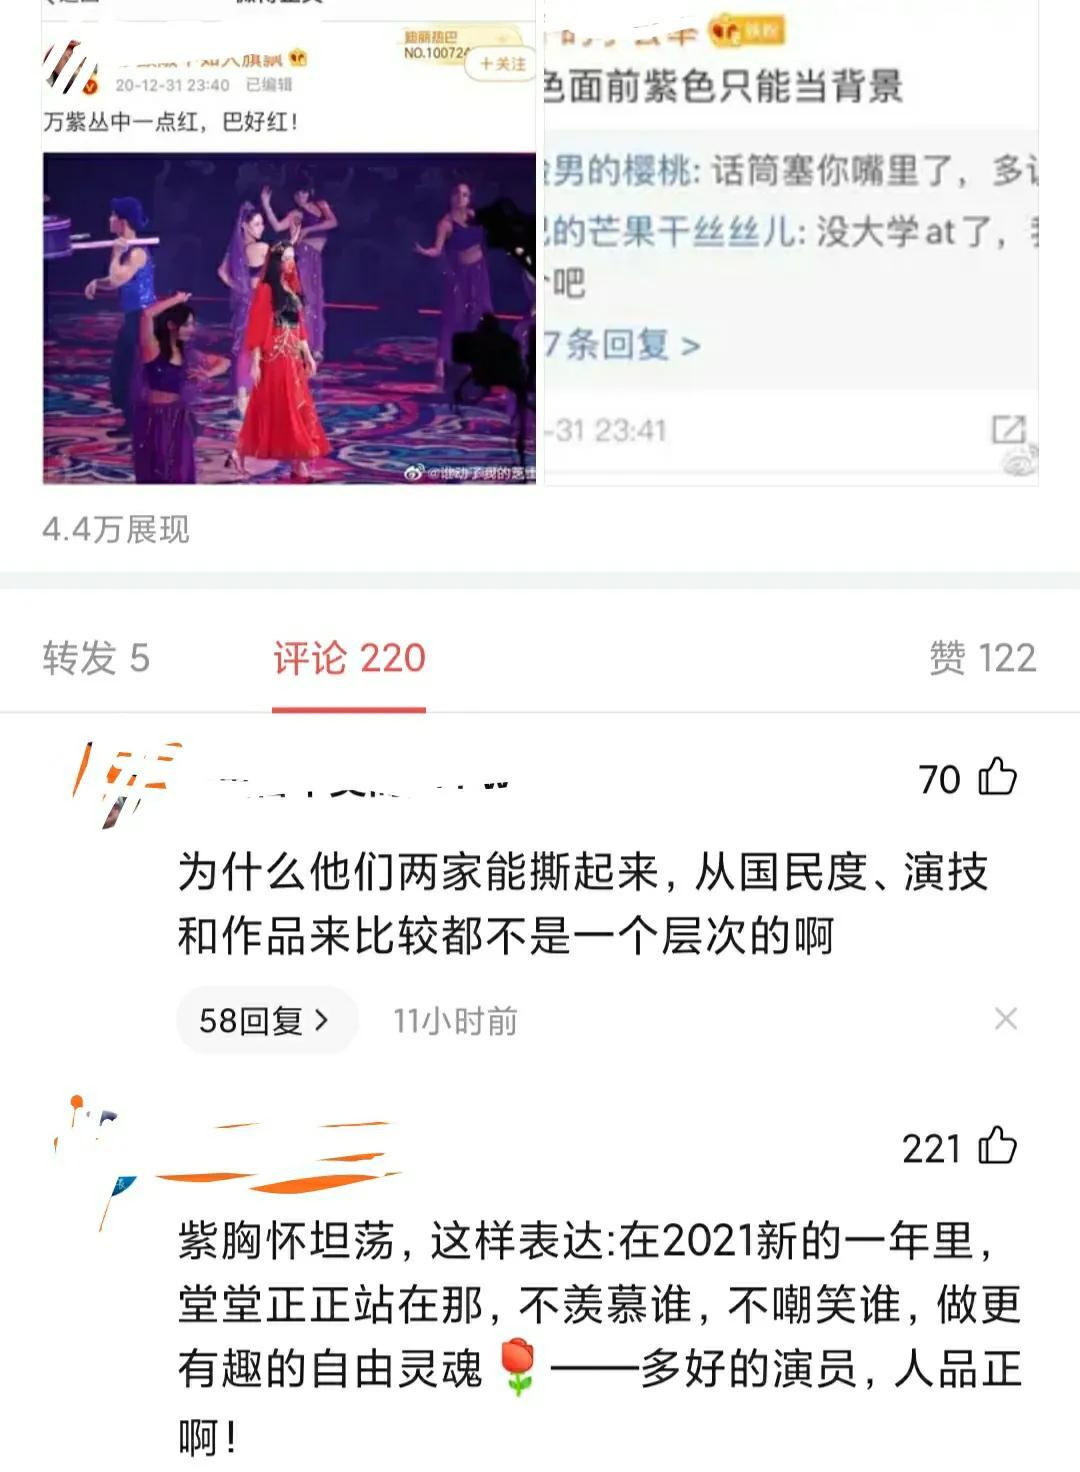 杨紫2021,第一个工作日的更新送达